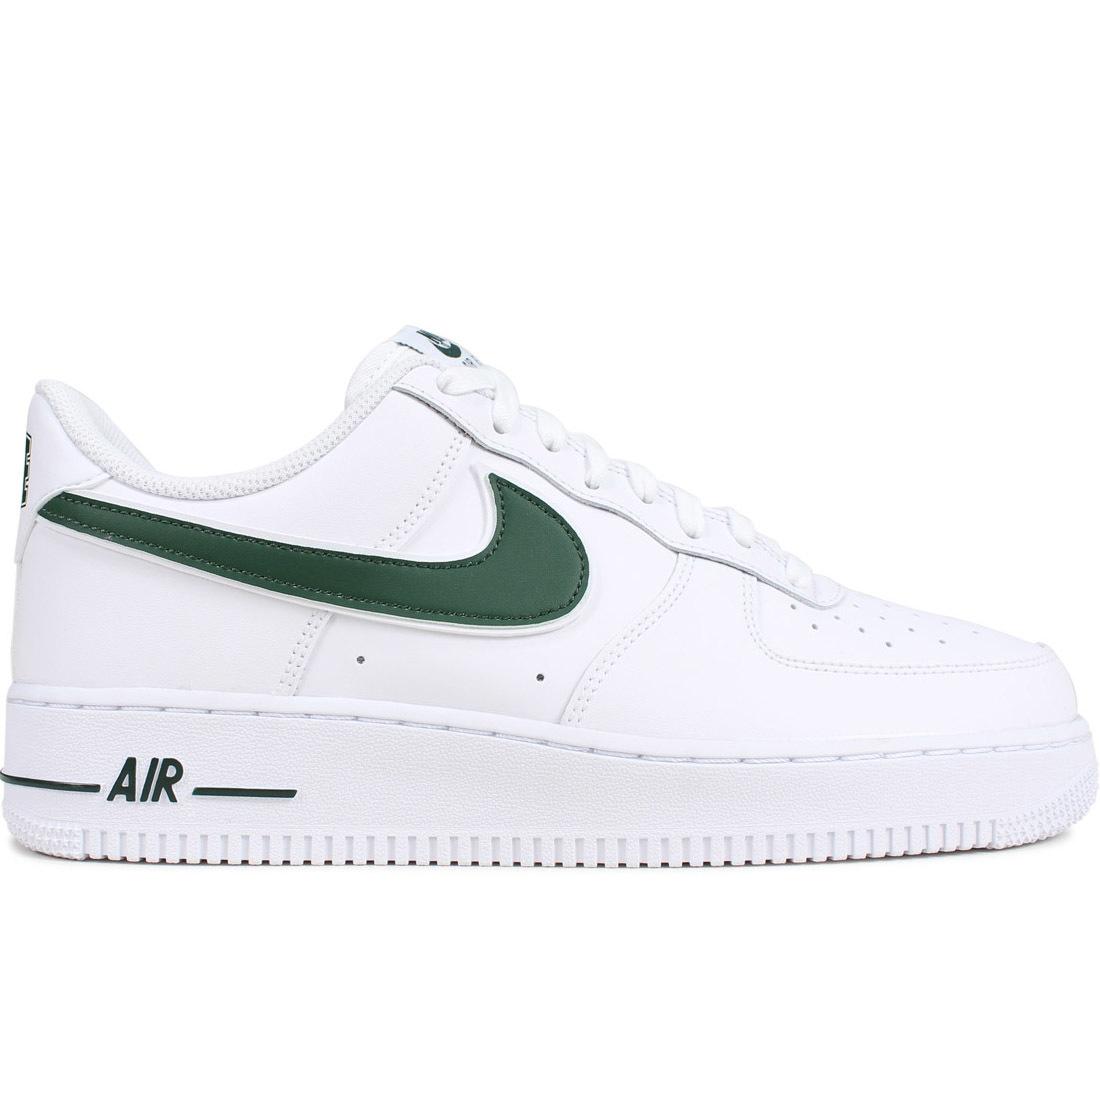 Nike Air Force 1 07 White Green Swoosh